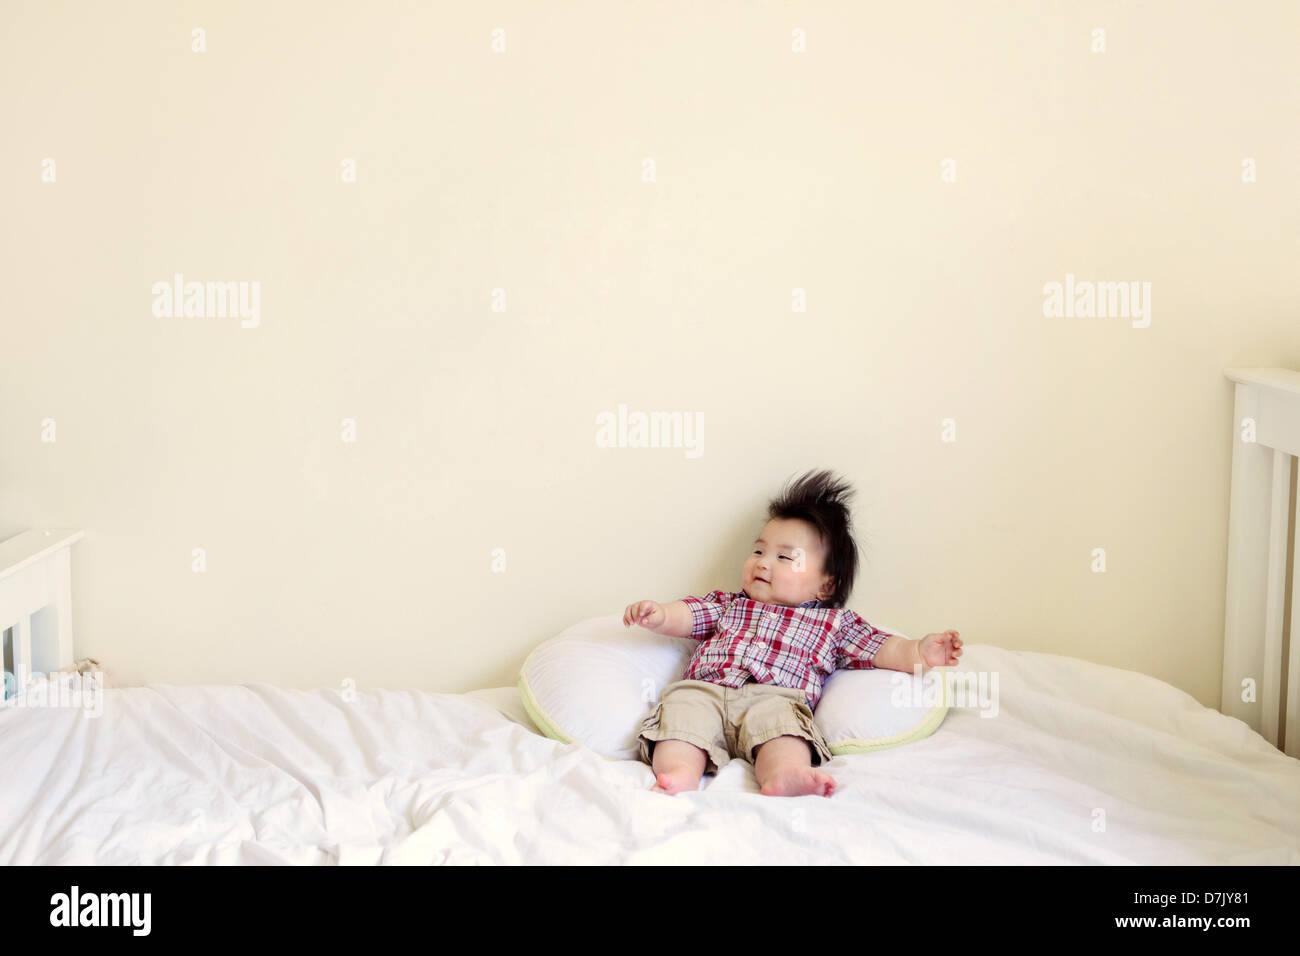 Il coreano bambino americano con pungenti capelli neri rilassante letto sulle braccia tese Immagini Stock